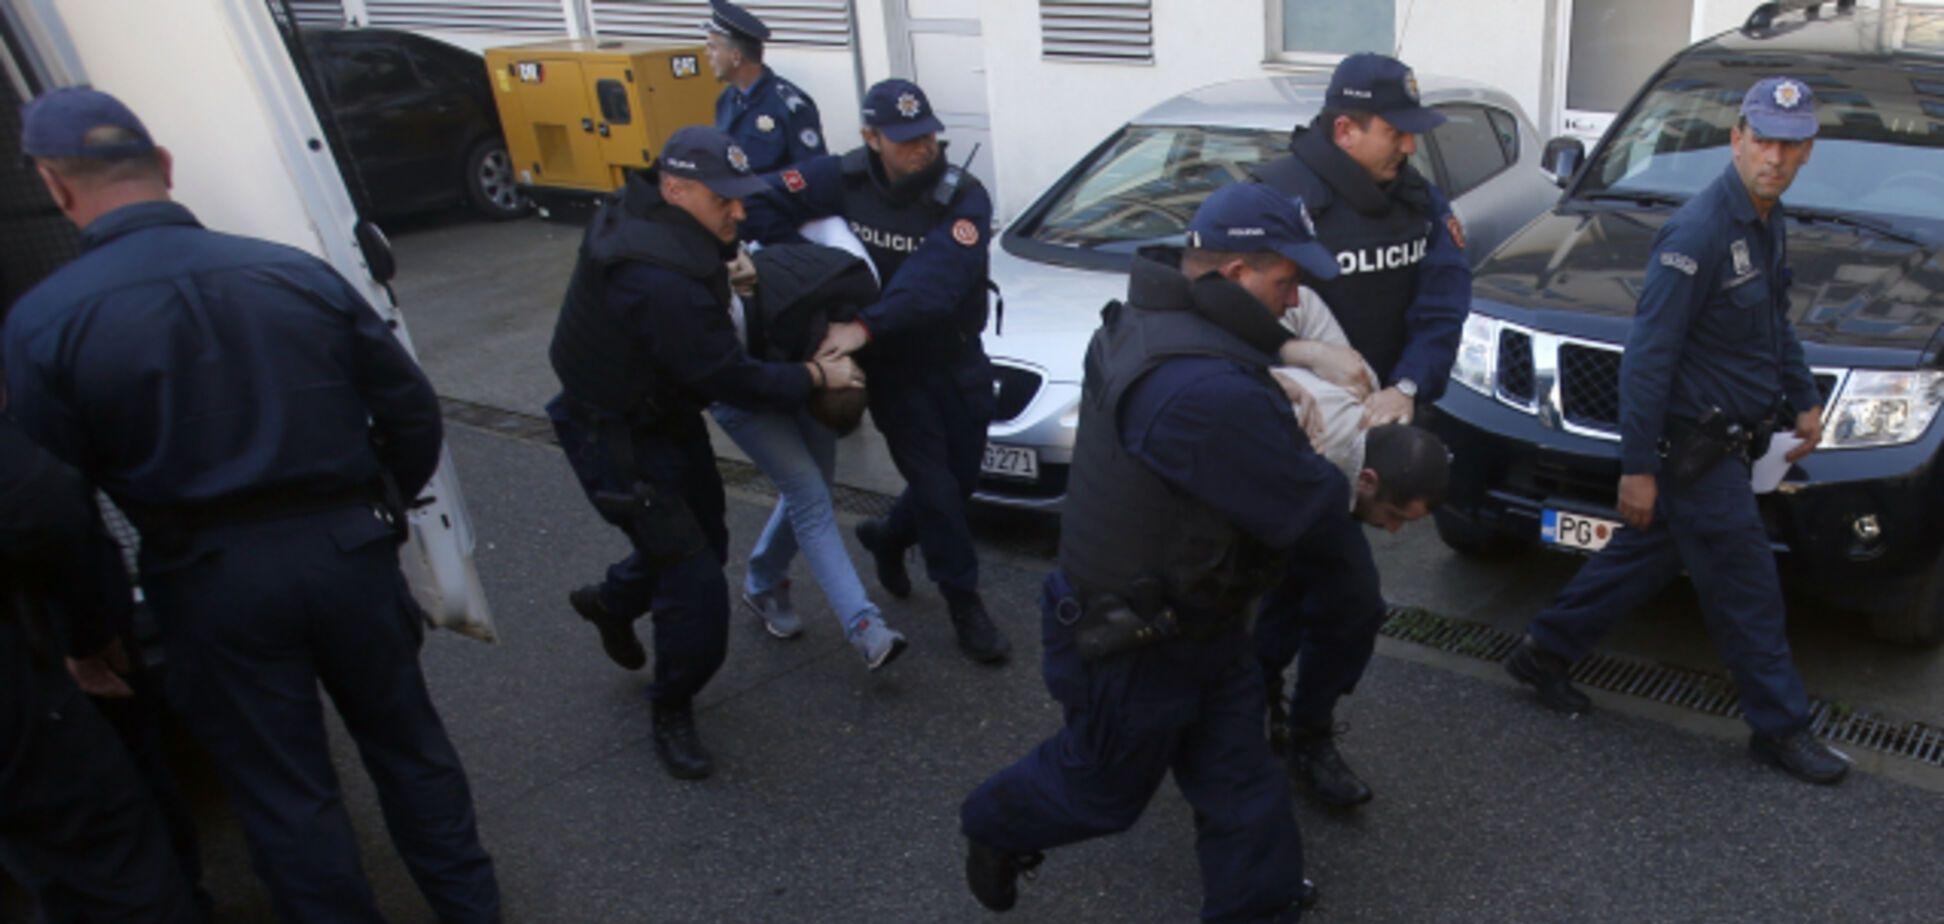 Розкрито імена росіян, причетних до спроби перевороту в Чорногорії